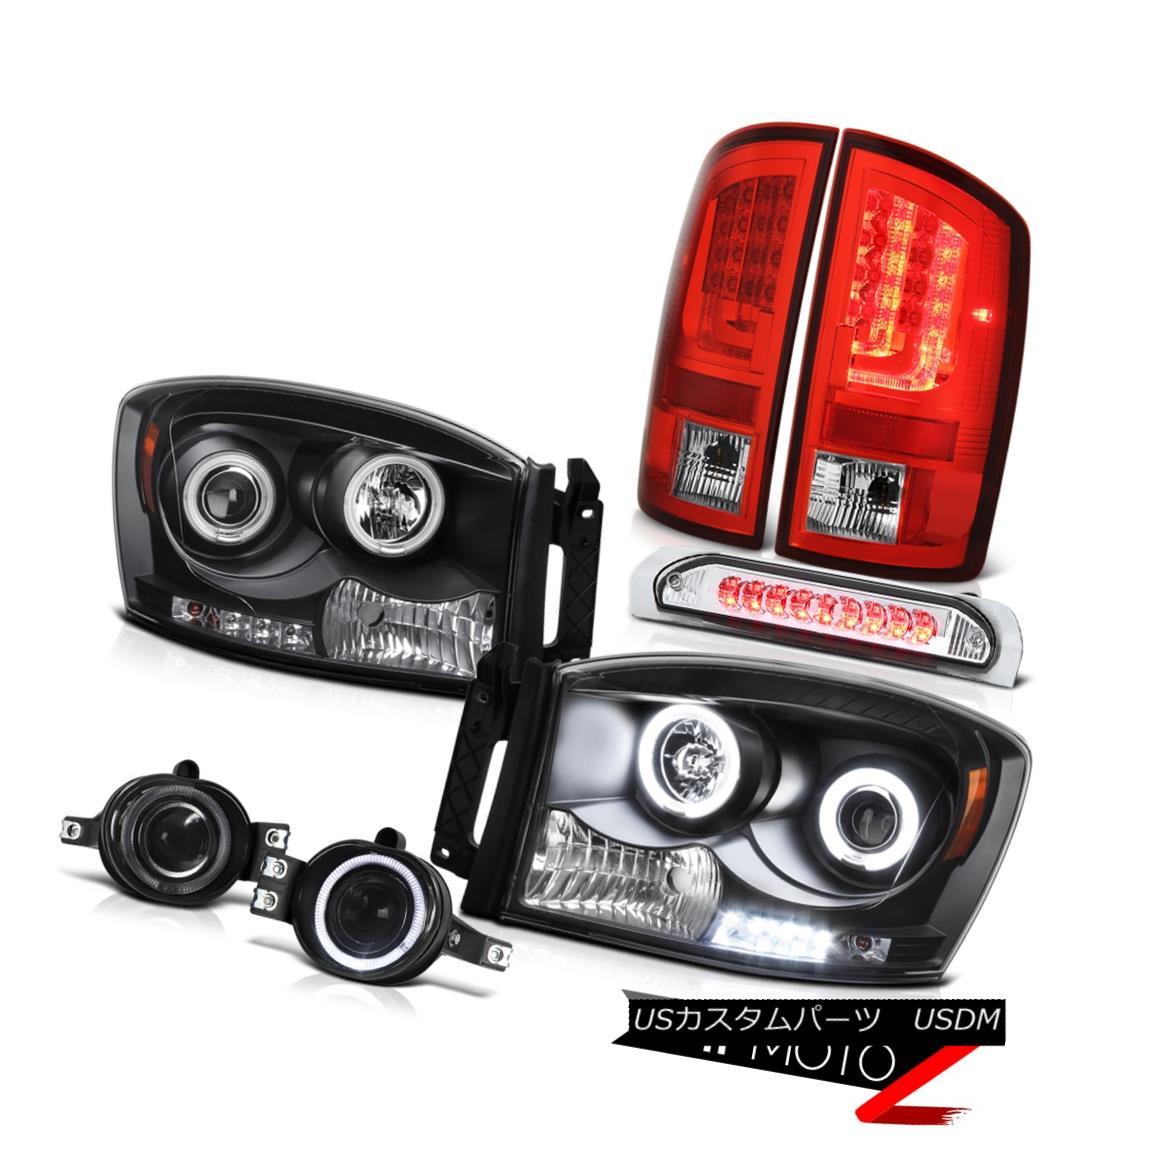 テールライト 07-08 Dodge Ram 1500 4.7L Tail Brake Lamps Headlights Fog 3RD Lamp